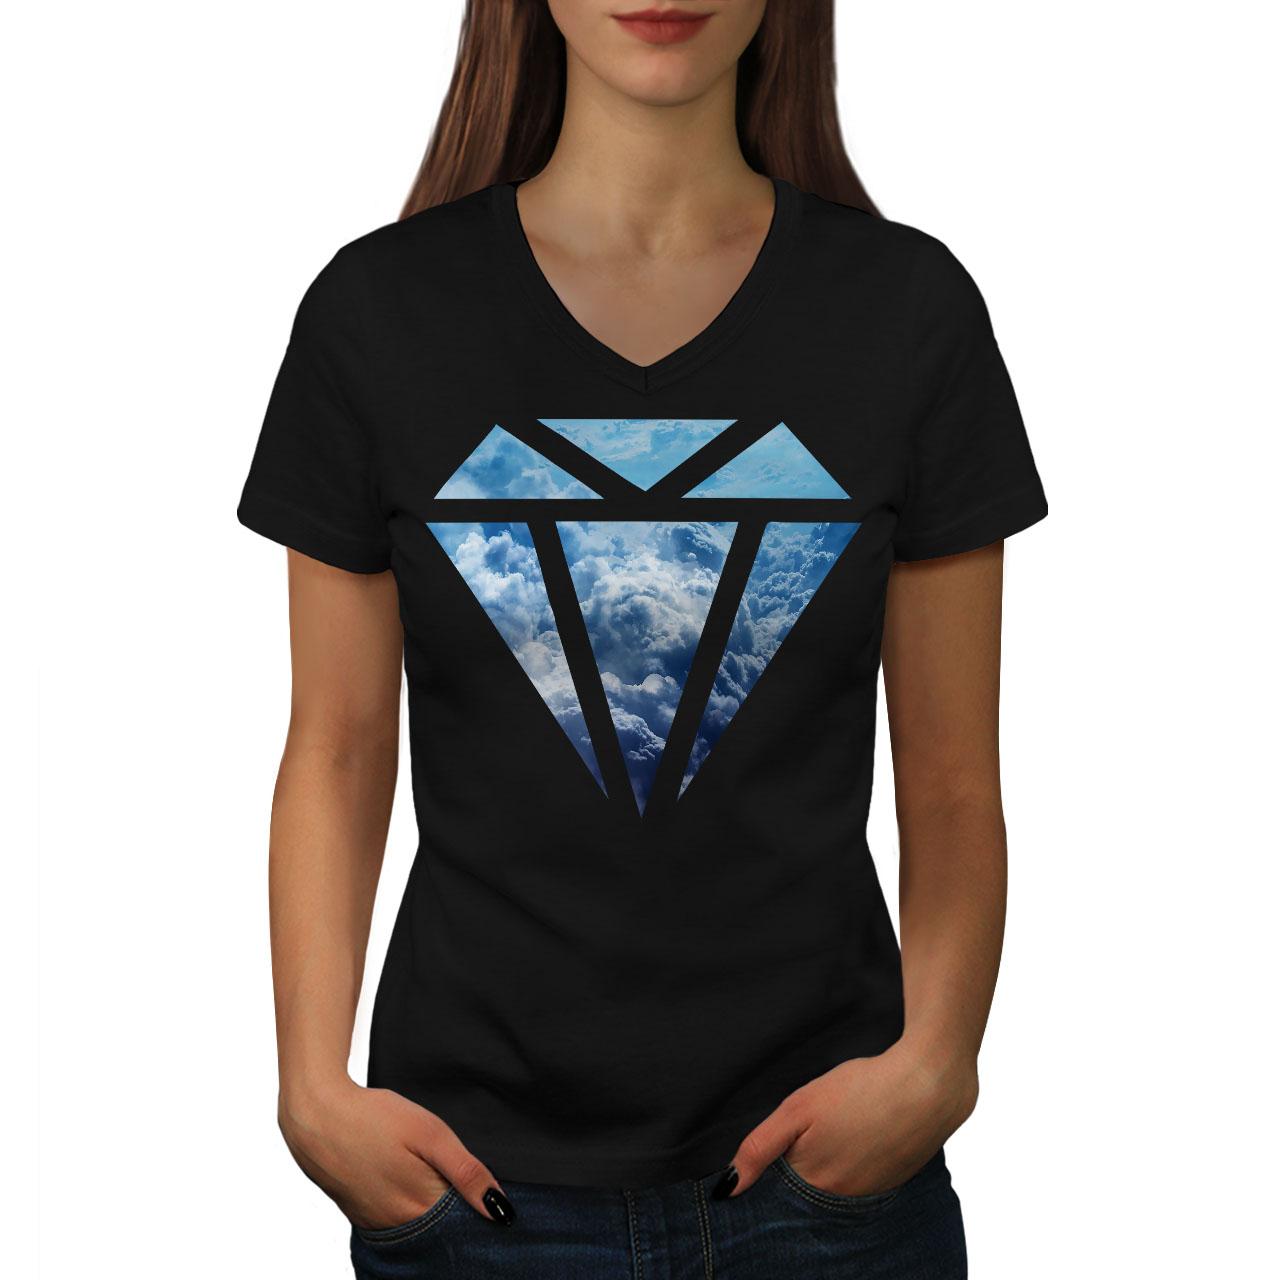 Ambitieux Wellcoda Abstract Diamant Femme T-shirt Col V, élégant Design Graphique Tee-afficher Le Titre D'origine ModèLes à La Mode